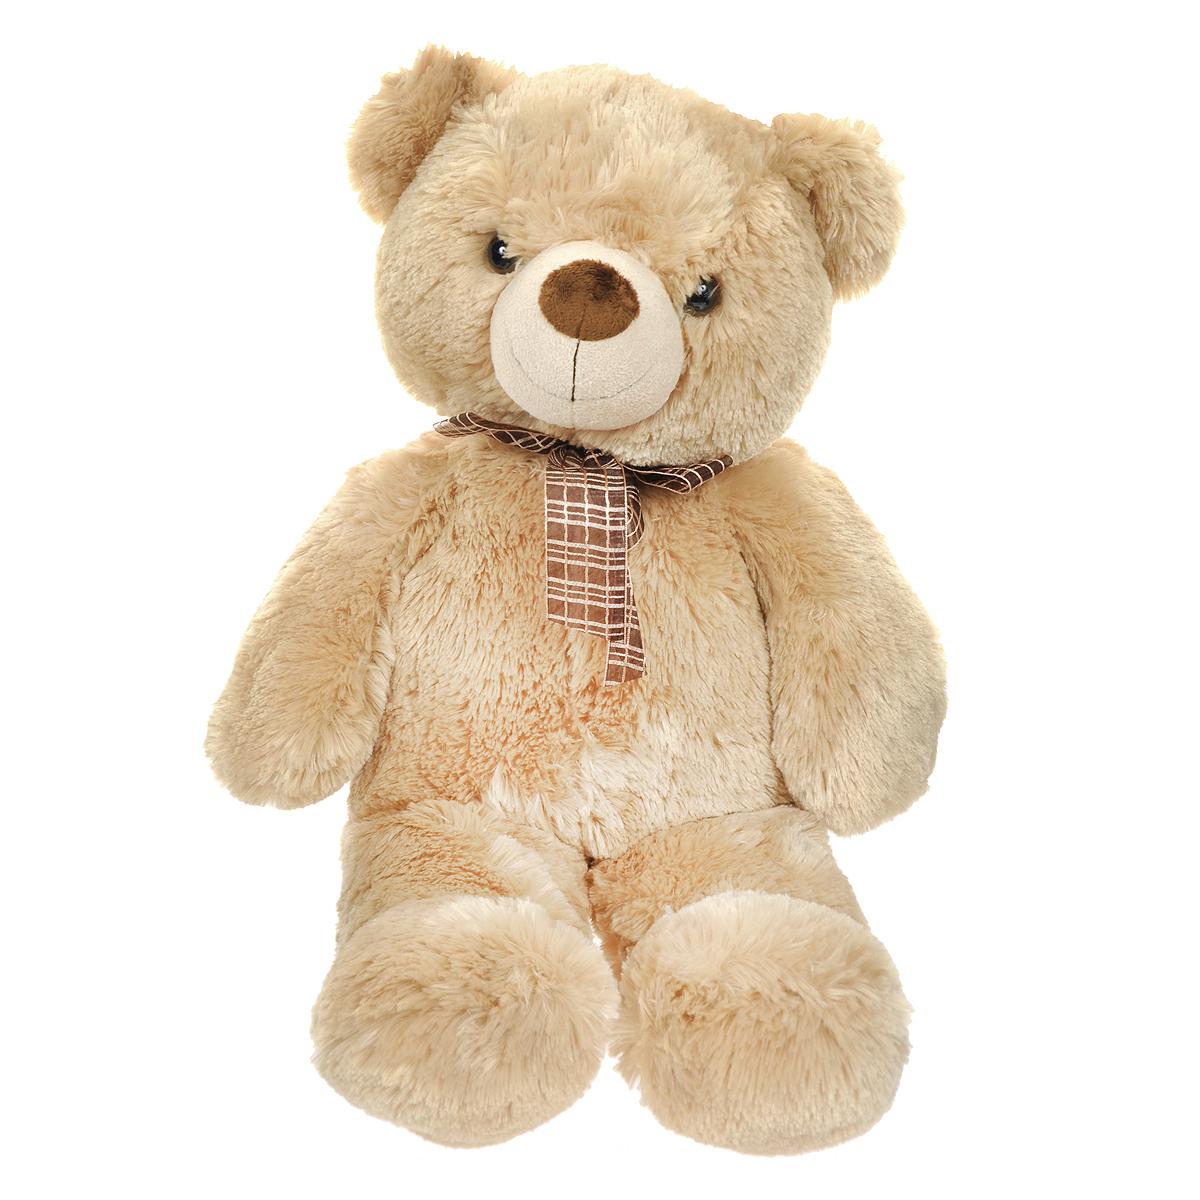 Мягкая игрушка Aurora Медведь, цвет: медовый, 69 см30-249Очаровательная мягкая игрушка Медведь, выполненная в виде медвежонка медового цвета с коричневым в клеточку бантиком на шее, вызовет умиление и улыбку у каждого, кто ее увидит. Удивительно мягкая игрушка принесет радость и подарит своему обладателю мгновения нежных объятий и приятных воспоминаний. Она выполнена из высококачественного плюша с набивкой из гипоаллергенного синтепона. Великолепное качество исполнения делают эту игрушку чудесным подарком к любому празднику. Характеристики: Высота игрушки: 69 см. Материал игрушки: плюш, текстиль, пластик. Материал набивки: синтепон. Изготовитель: Индонезия.